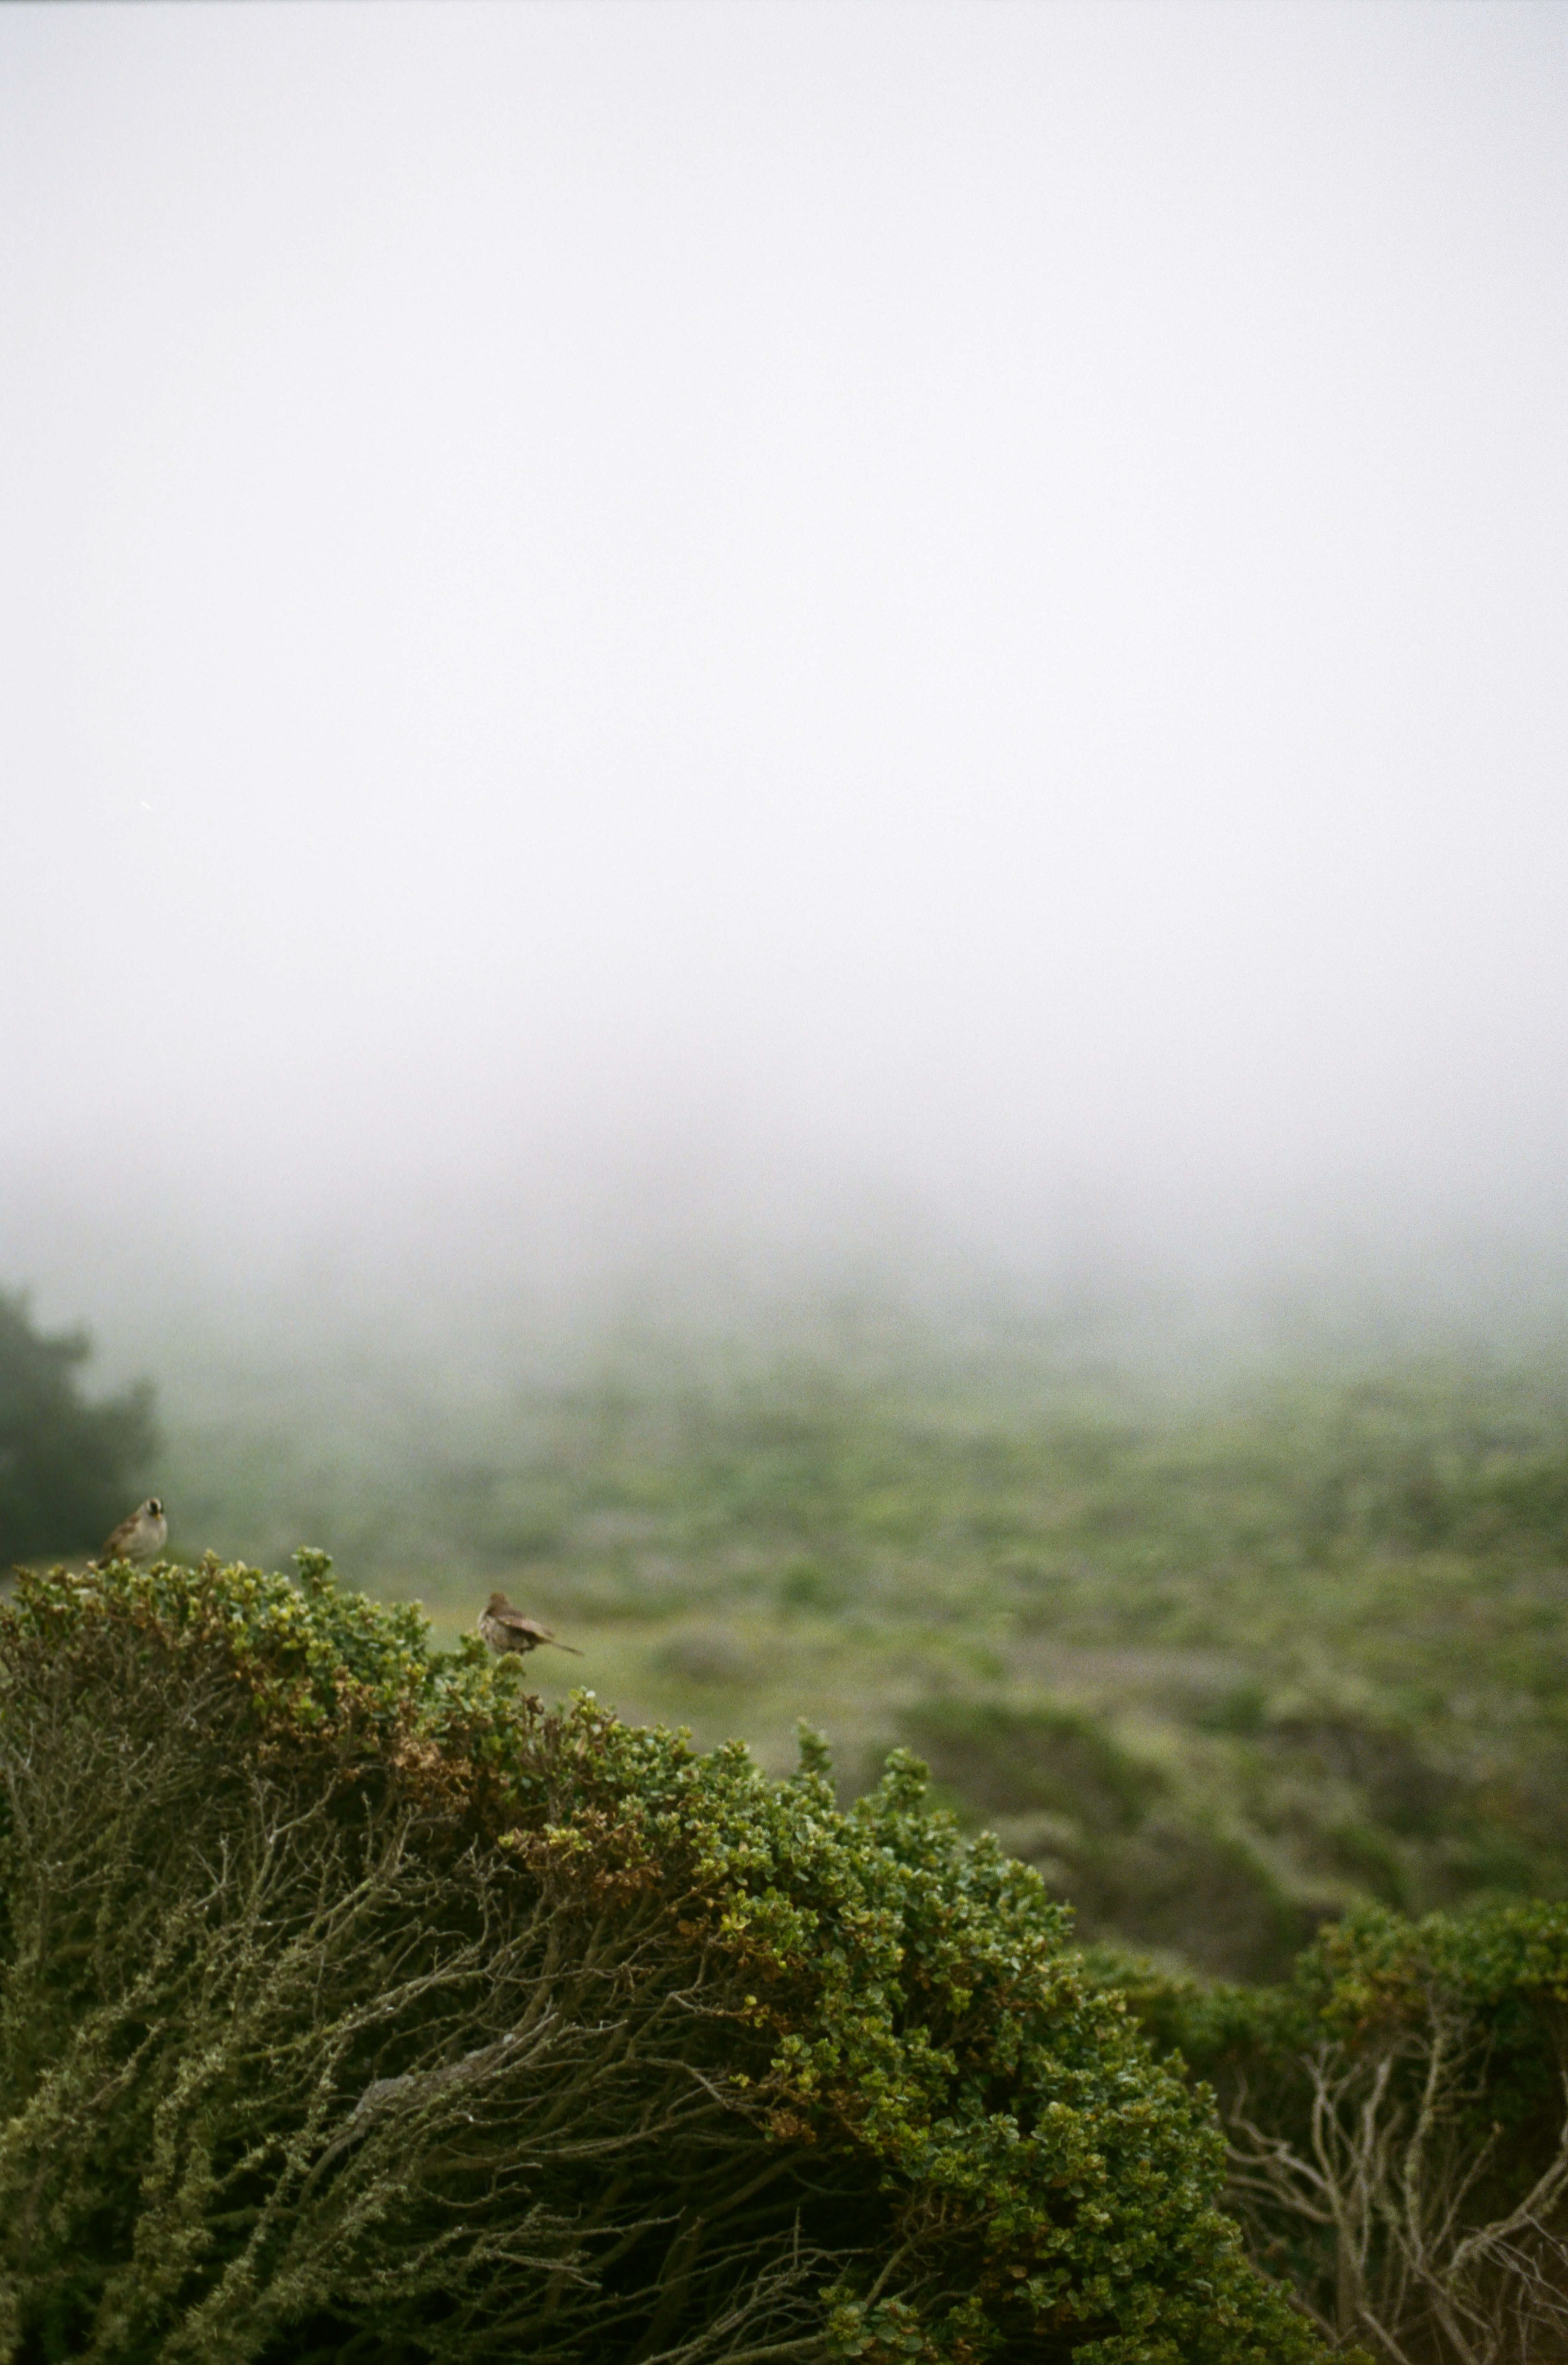 portra 400 fog